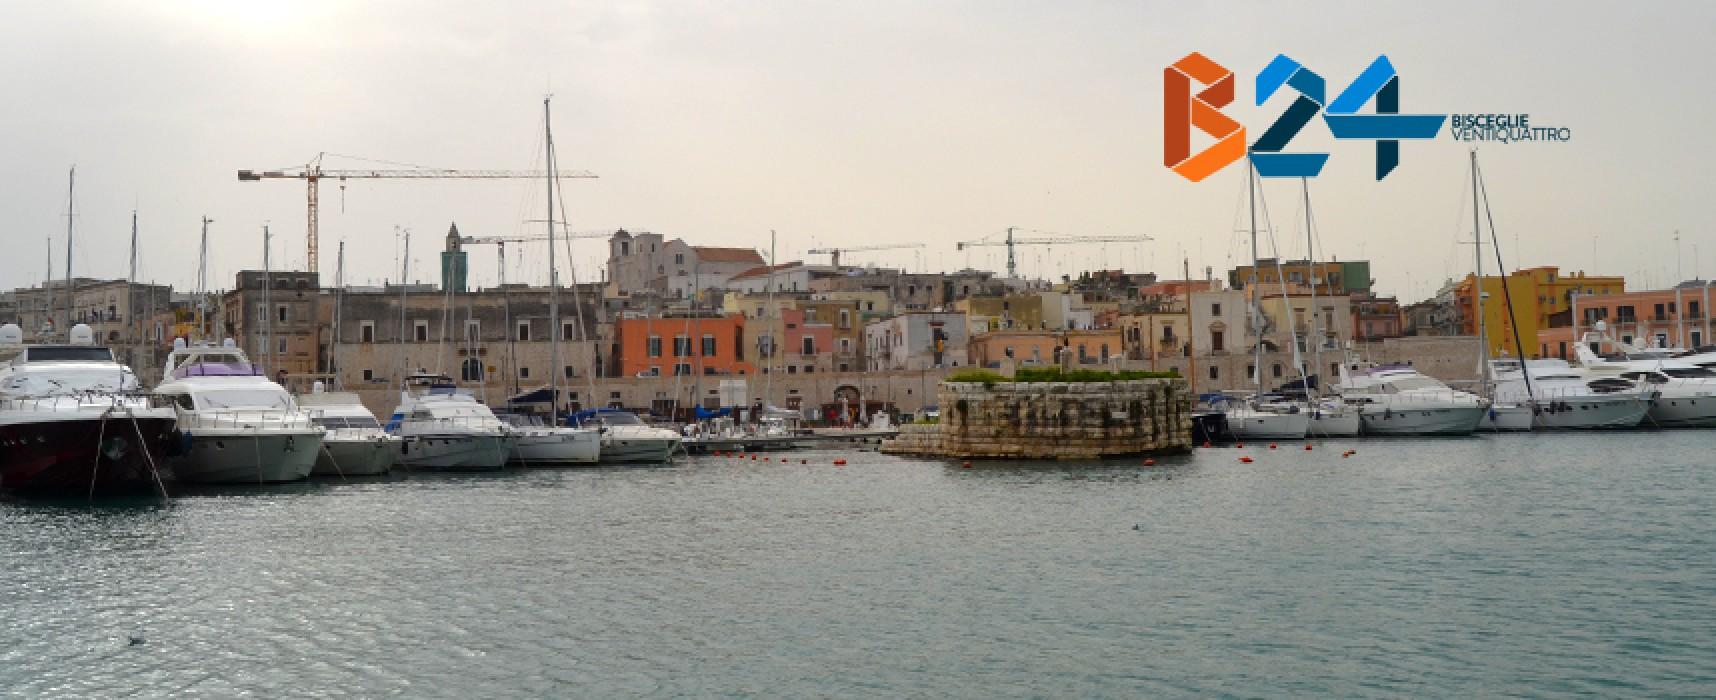 Recupero e valorizzazione del centro storico, le proposte di Bisceglie Civile